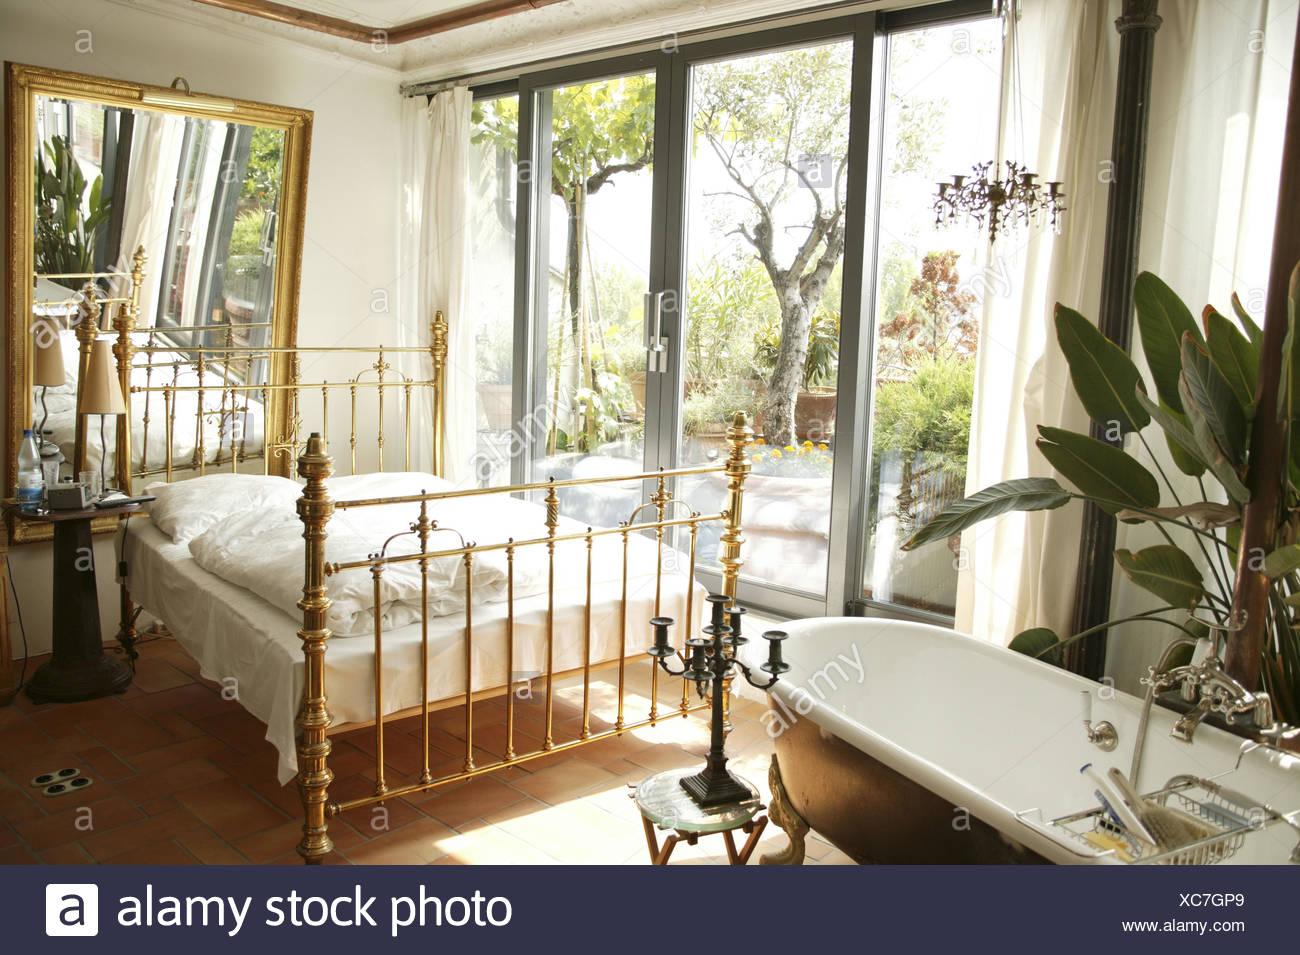 Camera da letto, letto, parete, riflettore, bagno, terrazza ...